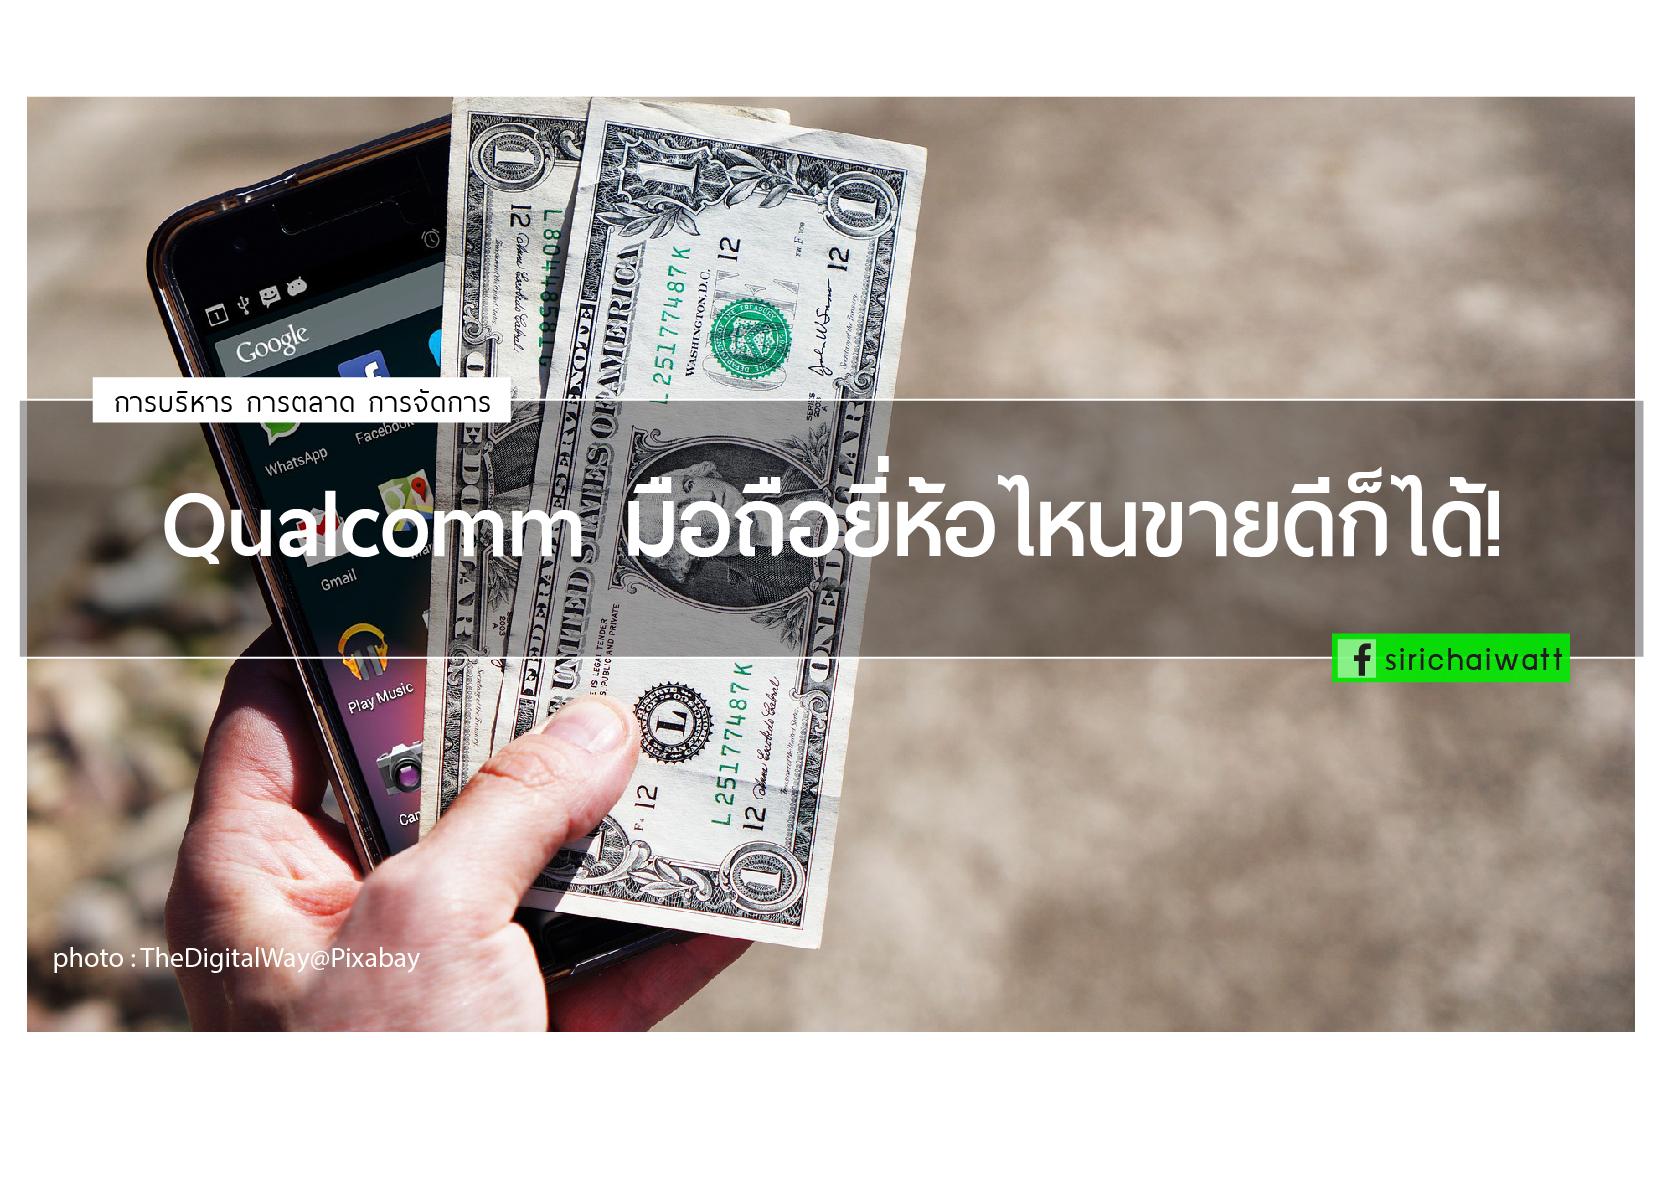 บทความธุรกิจ Qualcomm มือถือยี่ห้อไหนขายดีก็ได้!